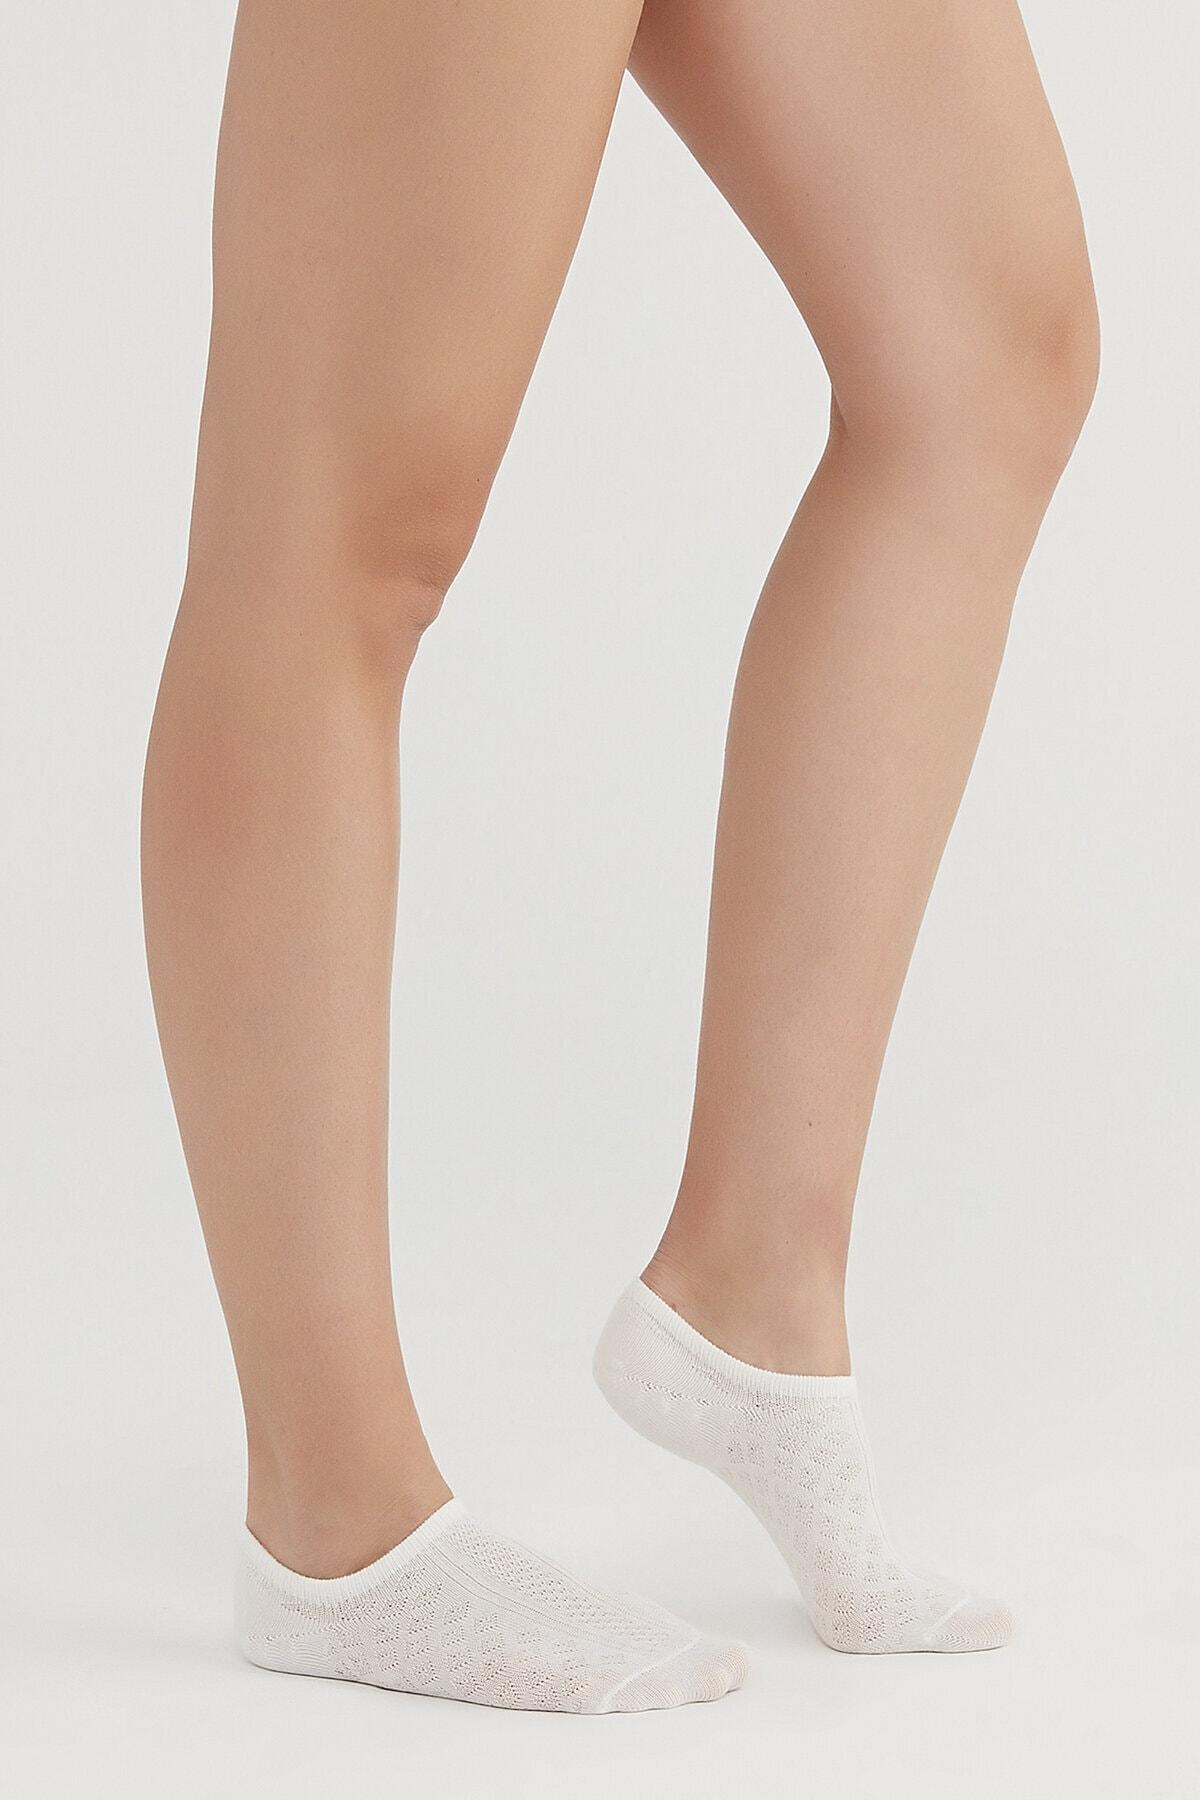 Penti Gri Twill  Görünmez Çorap 3 Lü